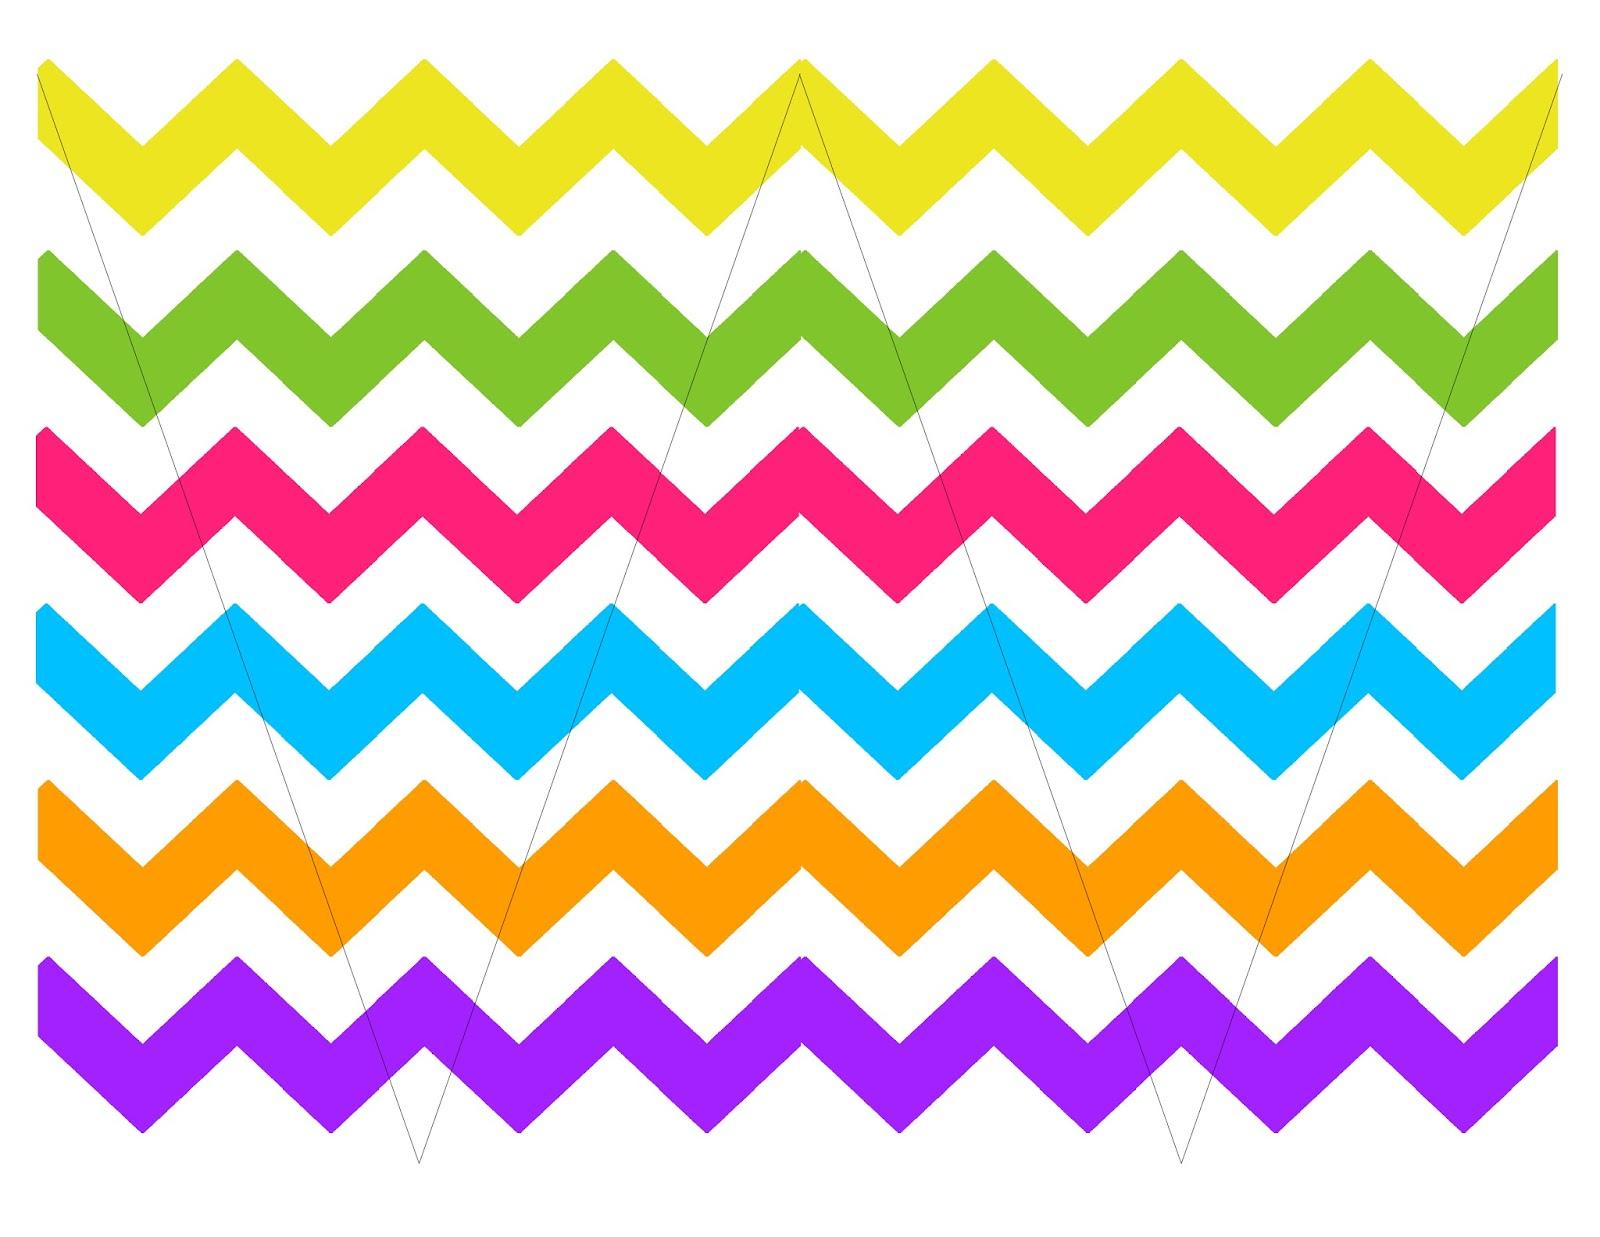 chevron pattern template printable - HD1600×1237